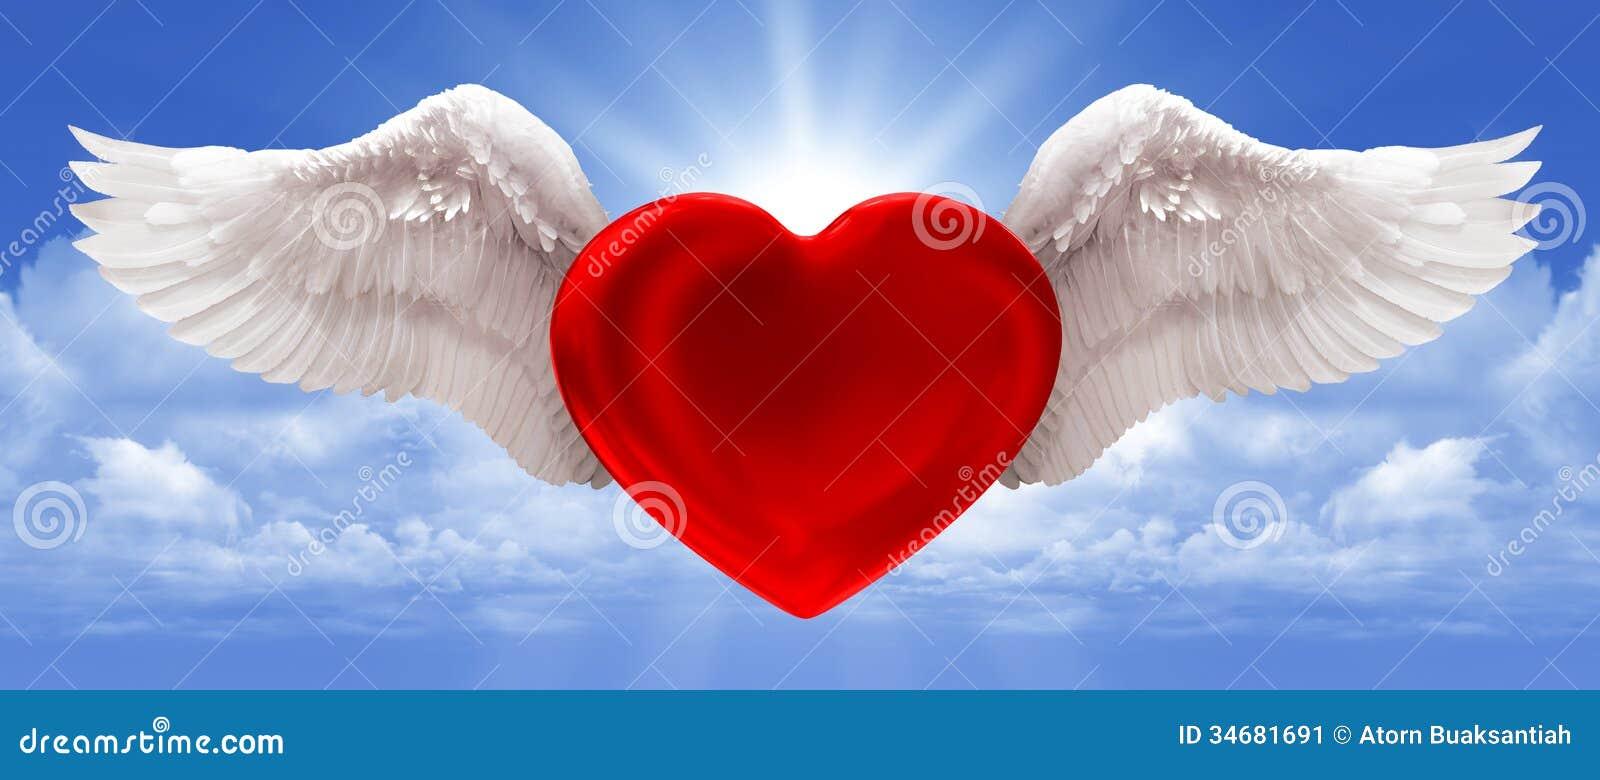 love is in the air Love is in the air, madrid 7,200 likes 56 talking about this 1,117 were here nuevo concepto de showroom de vestidos para una novia actual y chic.